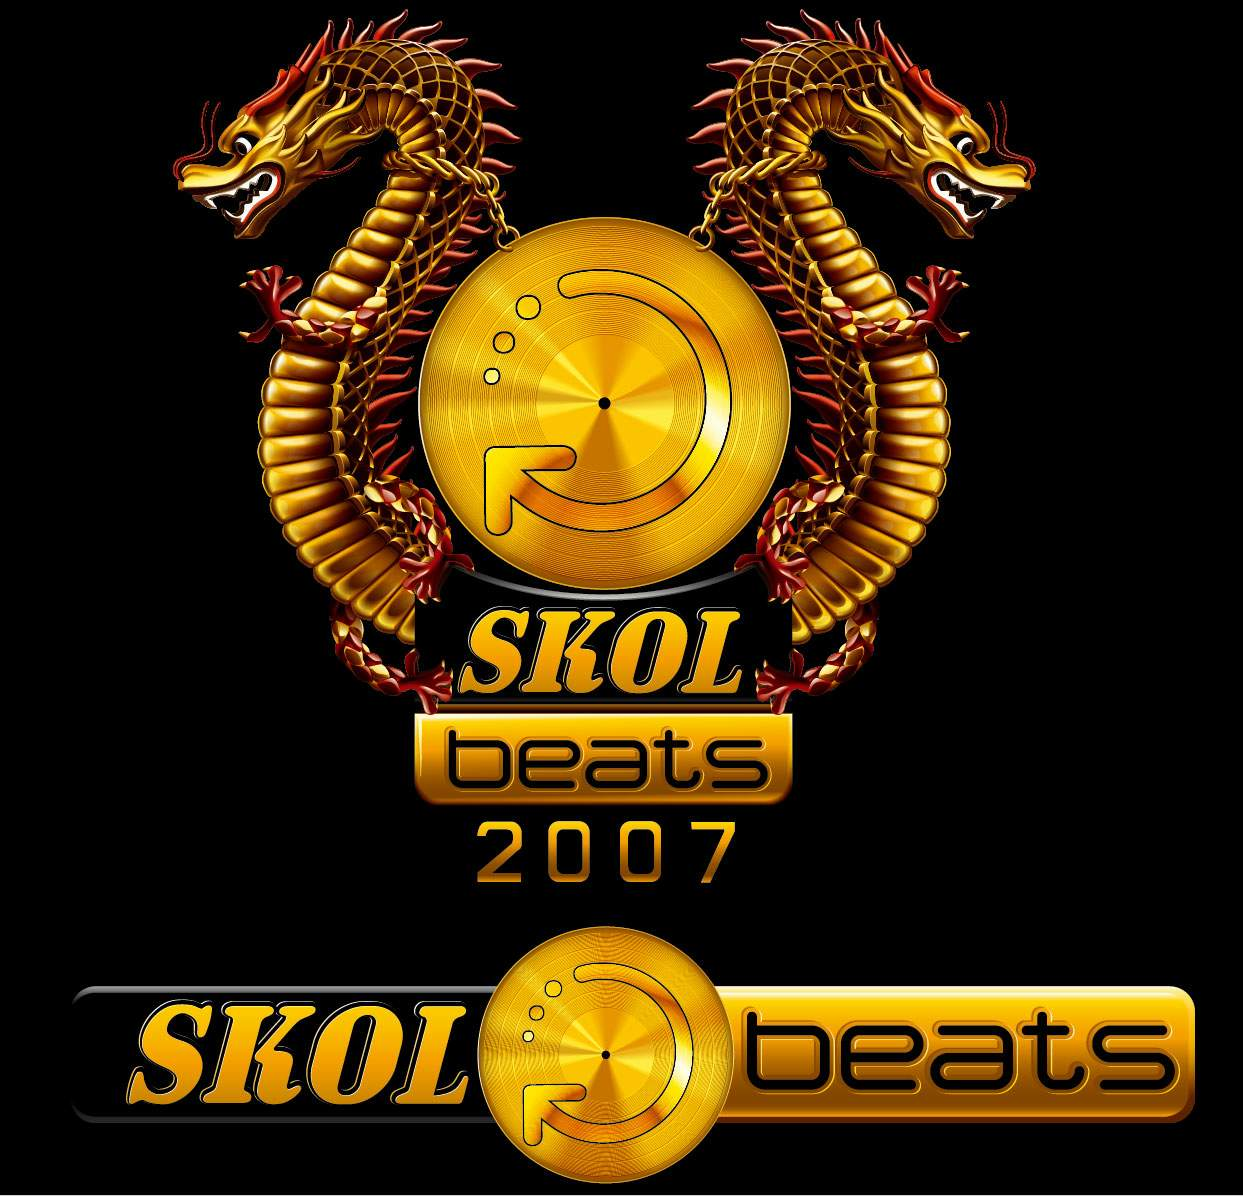 http://1.bp.blogspot.com/-2aZTb11_q78/TqmoaLRNJgI/AAAAAAAAAOQ/8kISeVSjh7I/s1600/Skol%2Bbeats%2B2007%2Blogo_skolbeats_2007732646.jpg